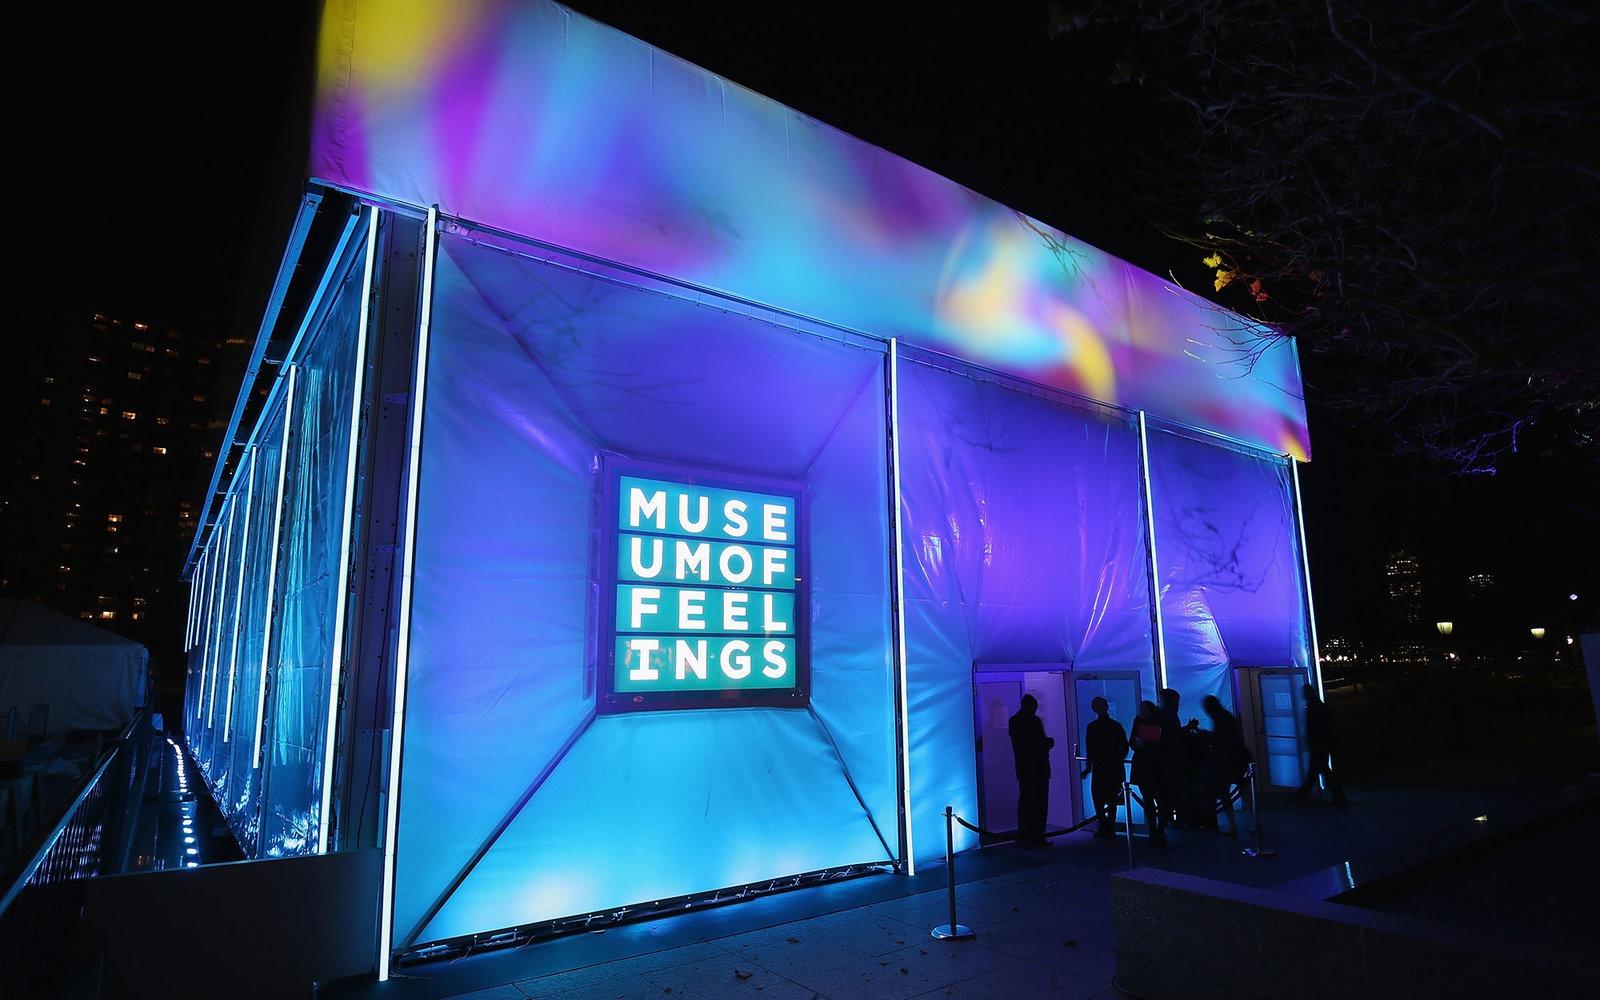 museum-of-feelings-nyc1115